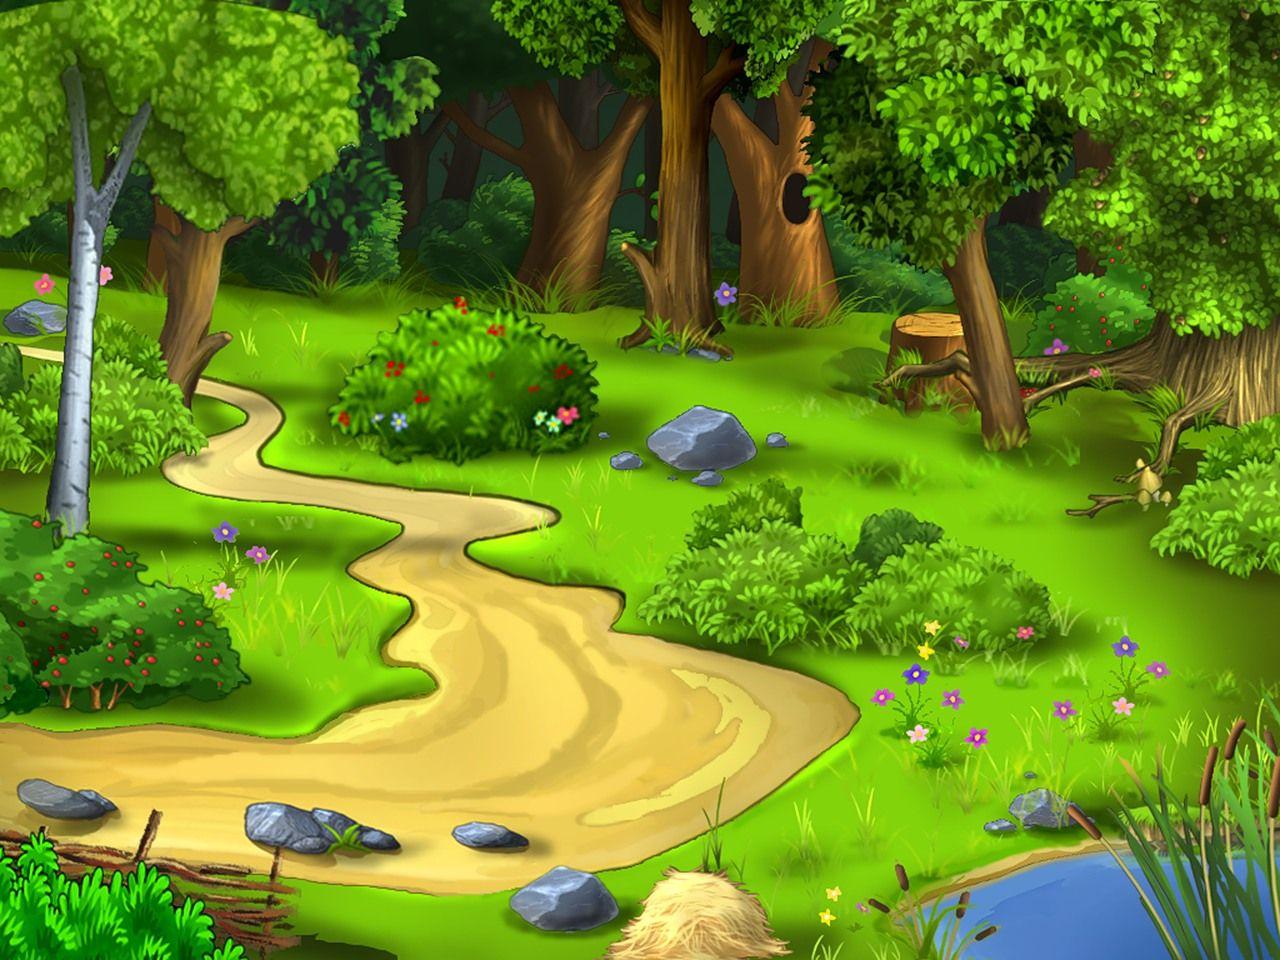 Free Dirt Road Clipart el bosque, Download Free Clip Art on Owips.com.